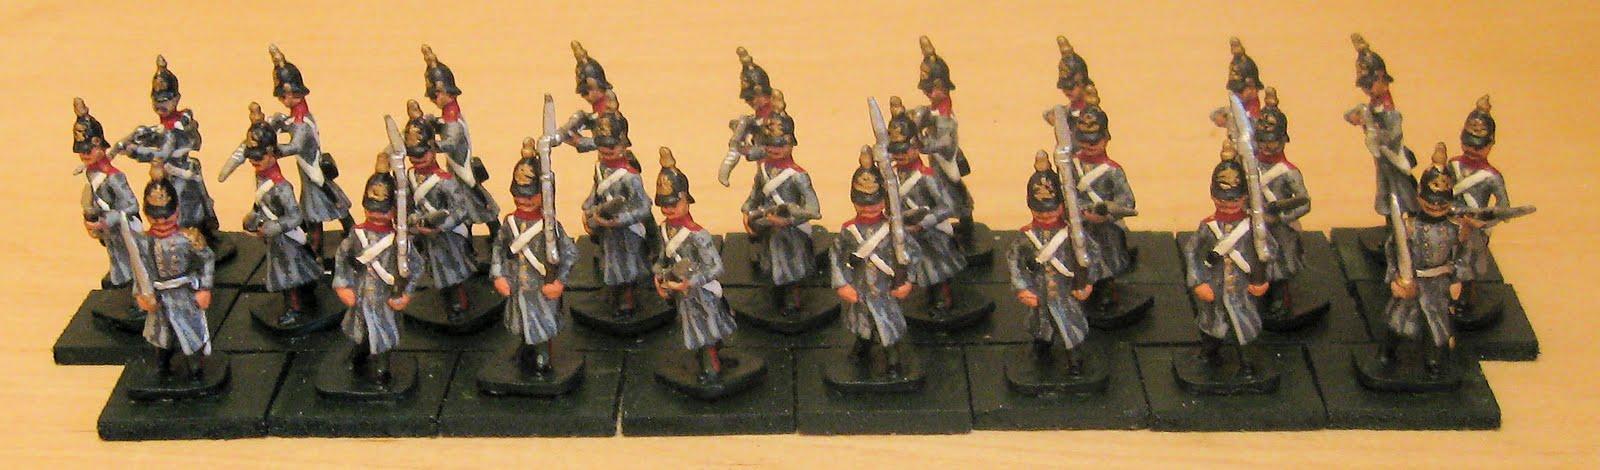 Crimean War Units Russian